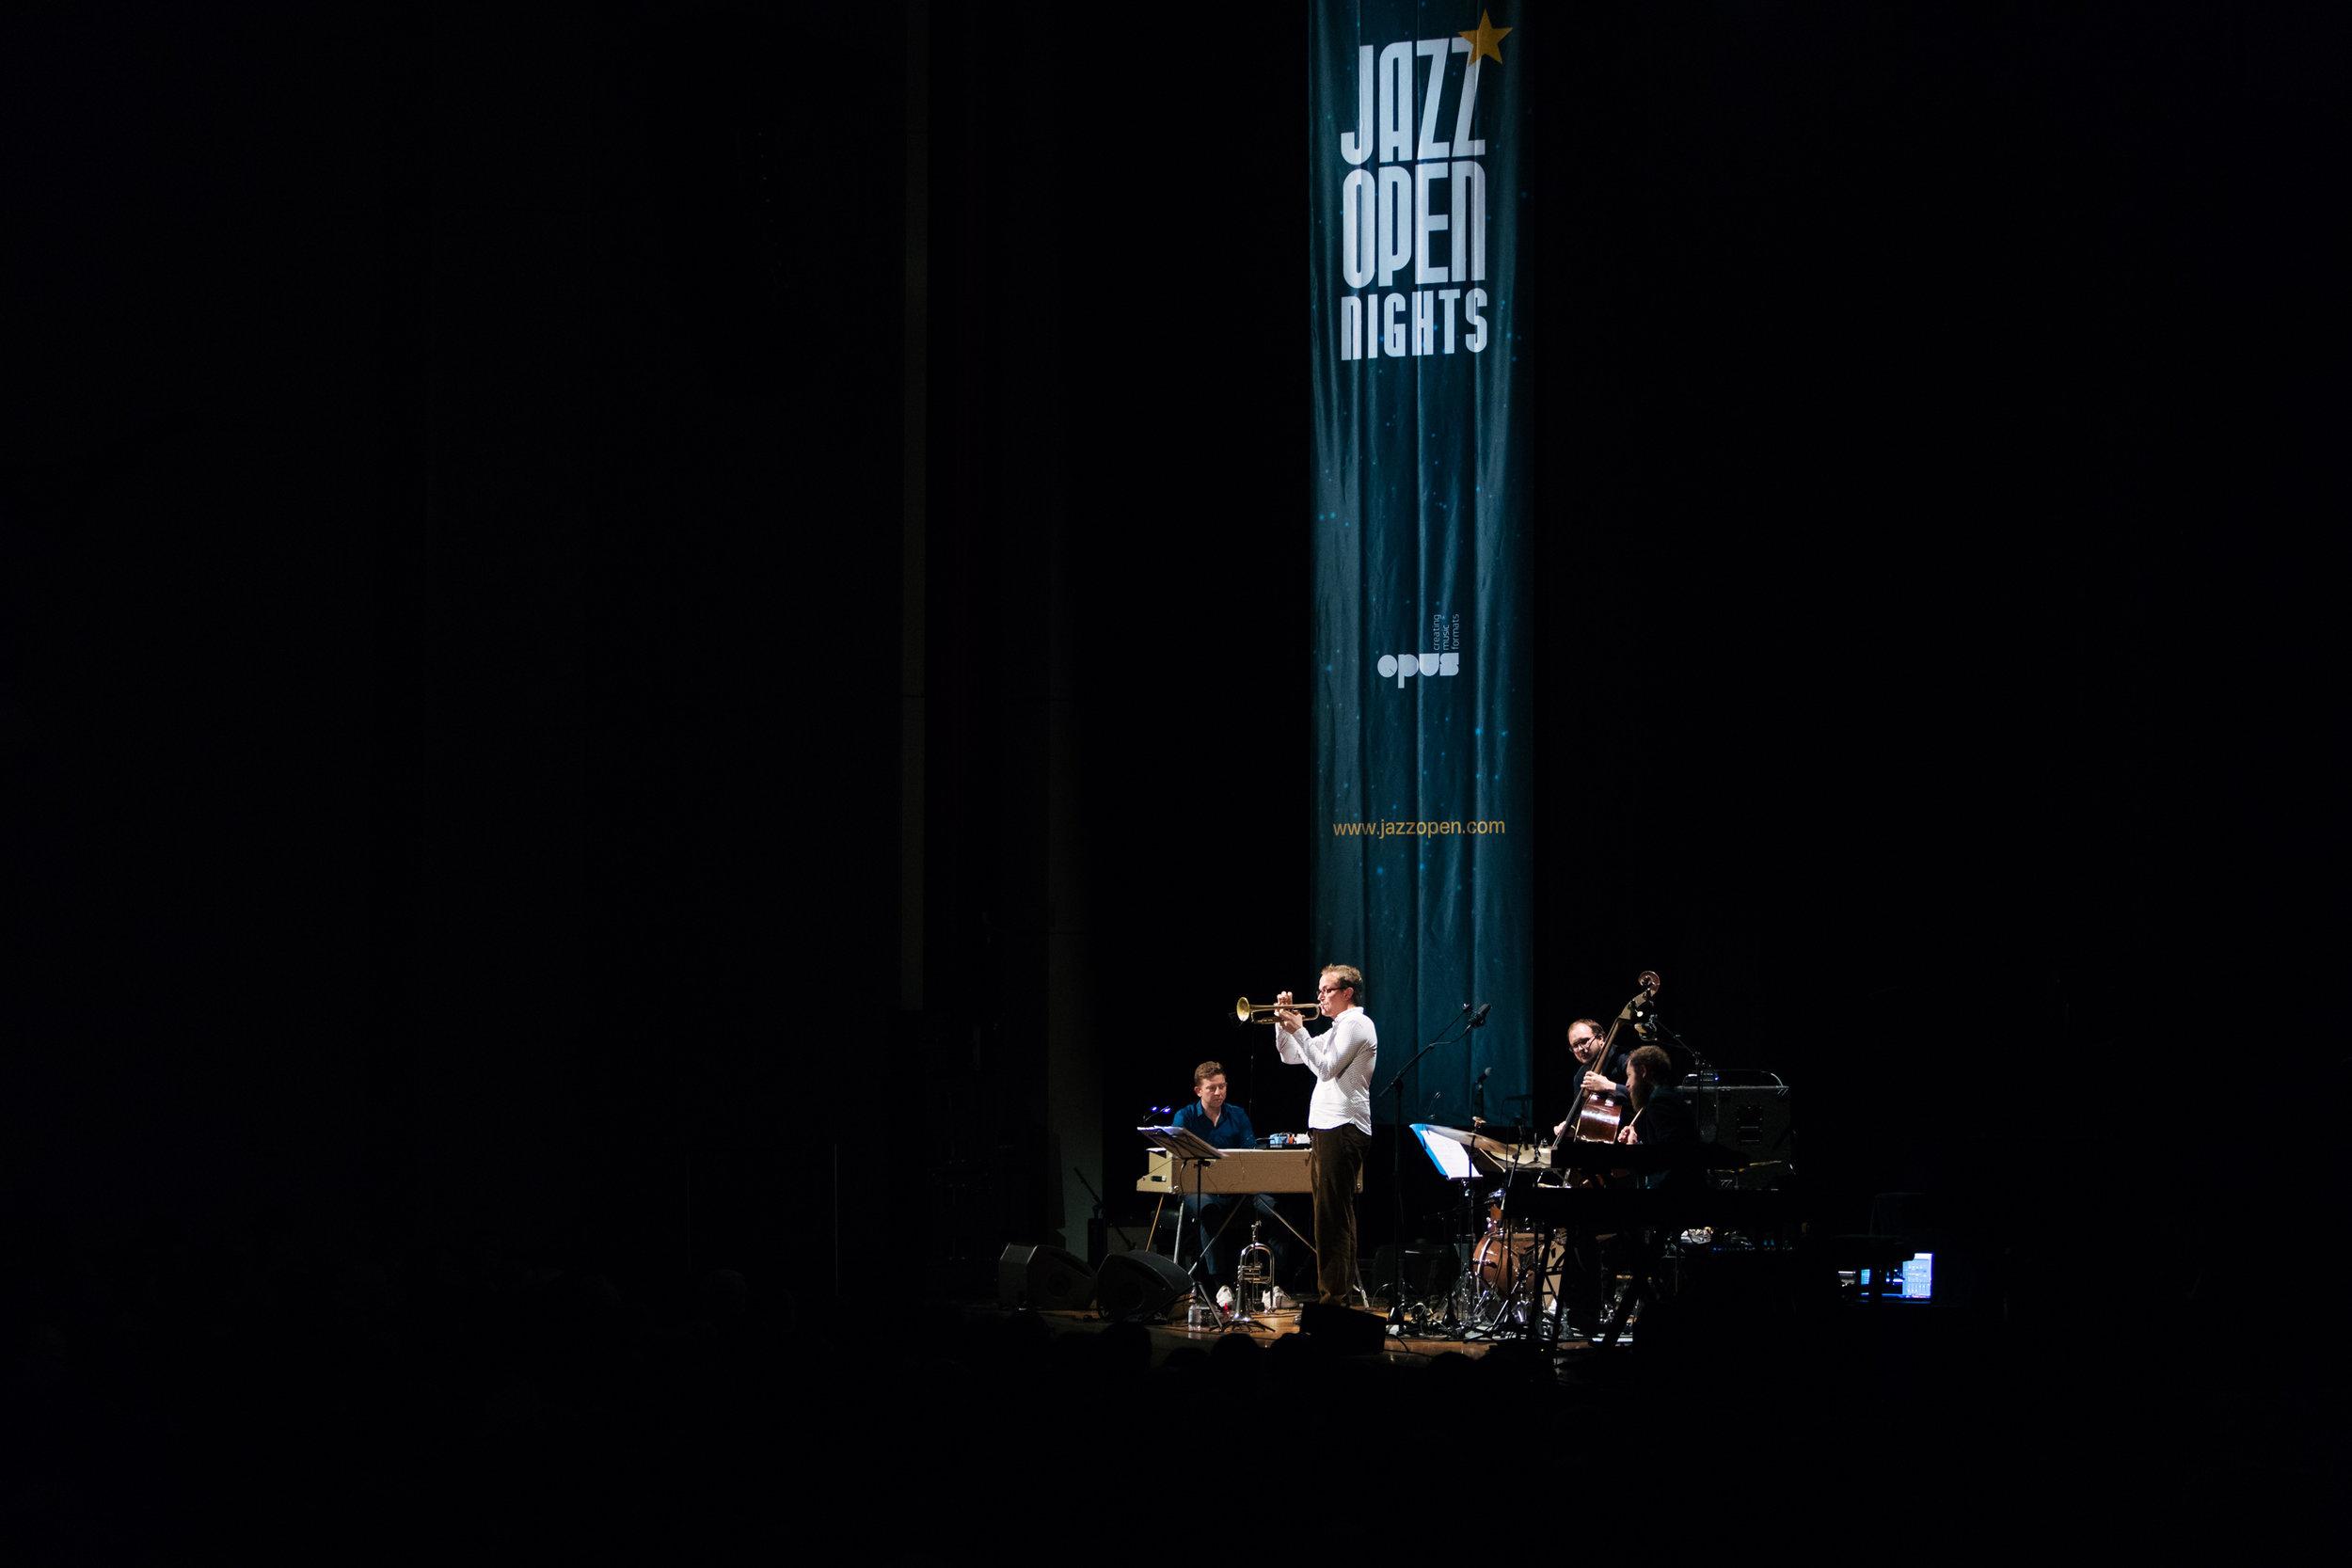 20171102_jazzopen-night-22.jpg